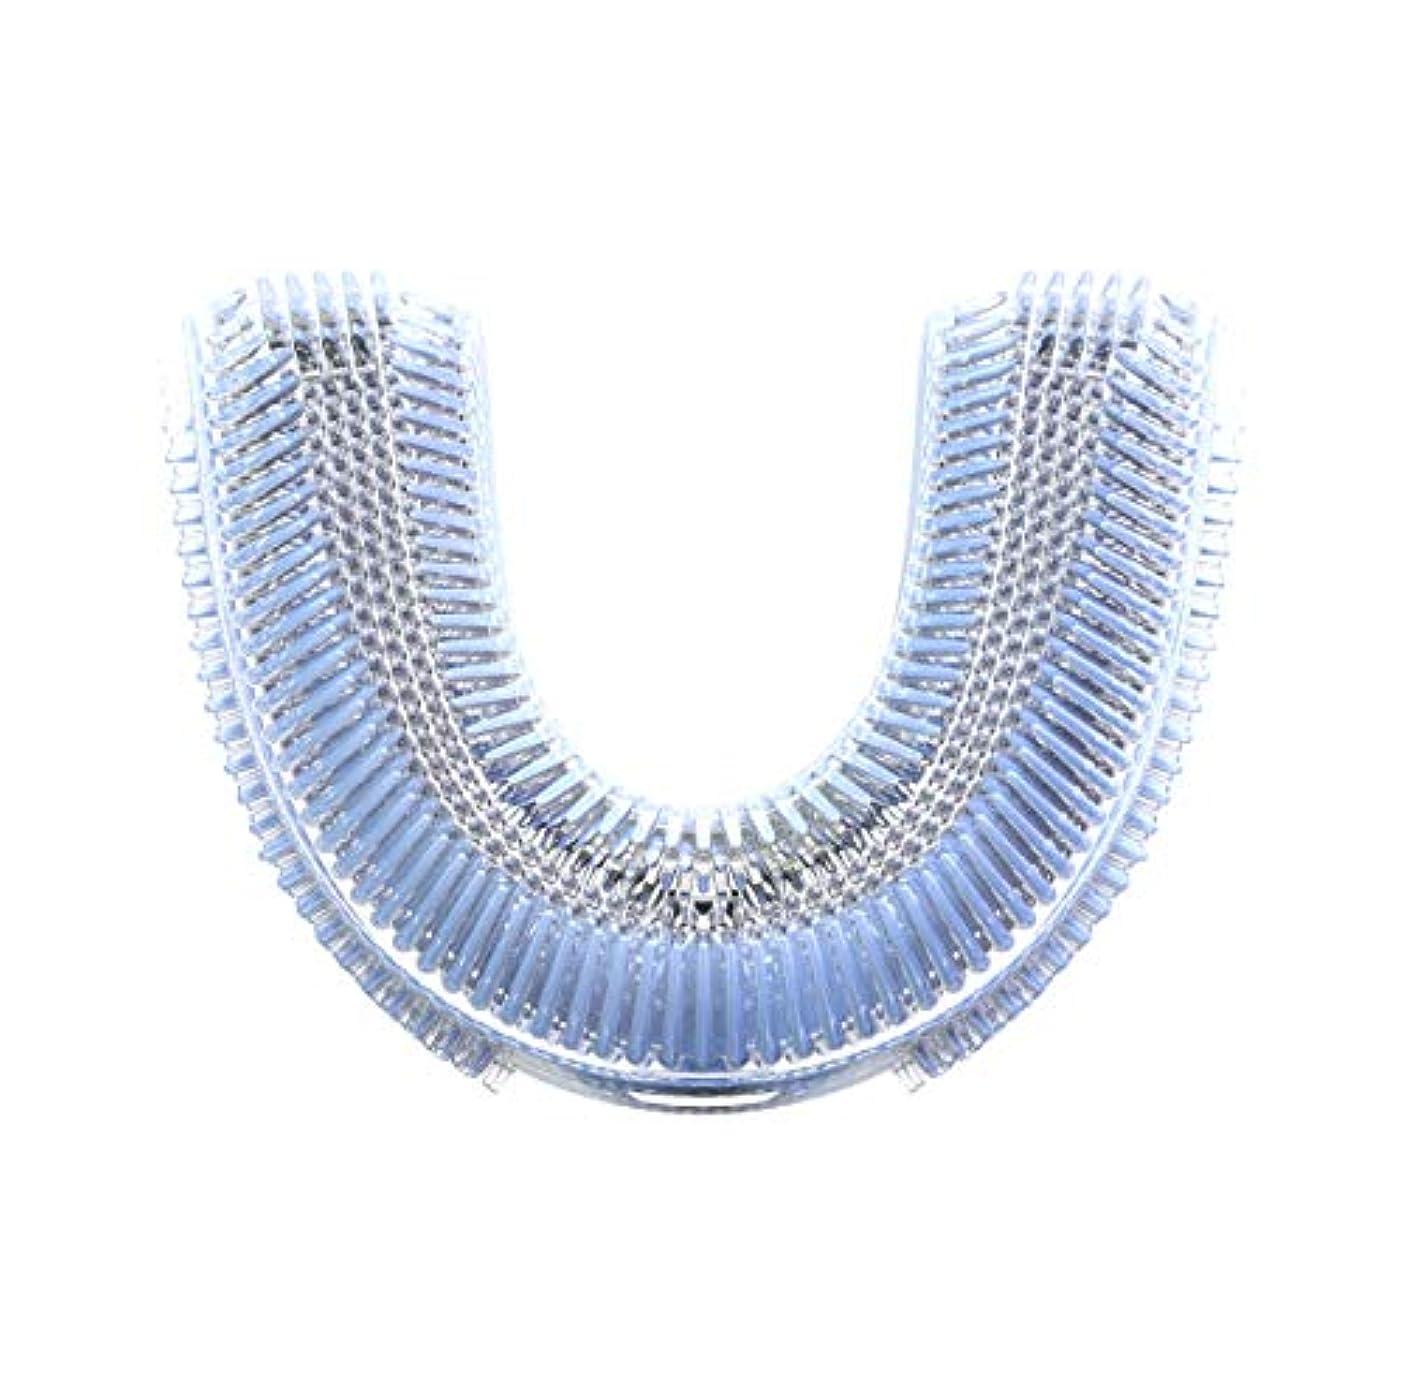 GideaTech 四代目ブラシヘッド 日本製 口腔洗浄器 電動歯ブラシ 音波振動歯ブラシ用 U型ブラシヘッド